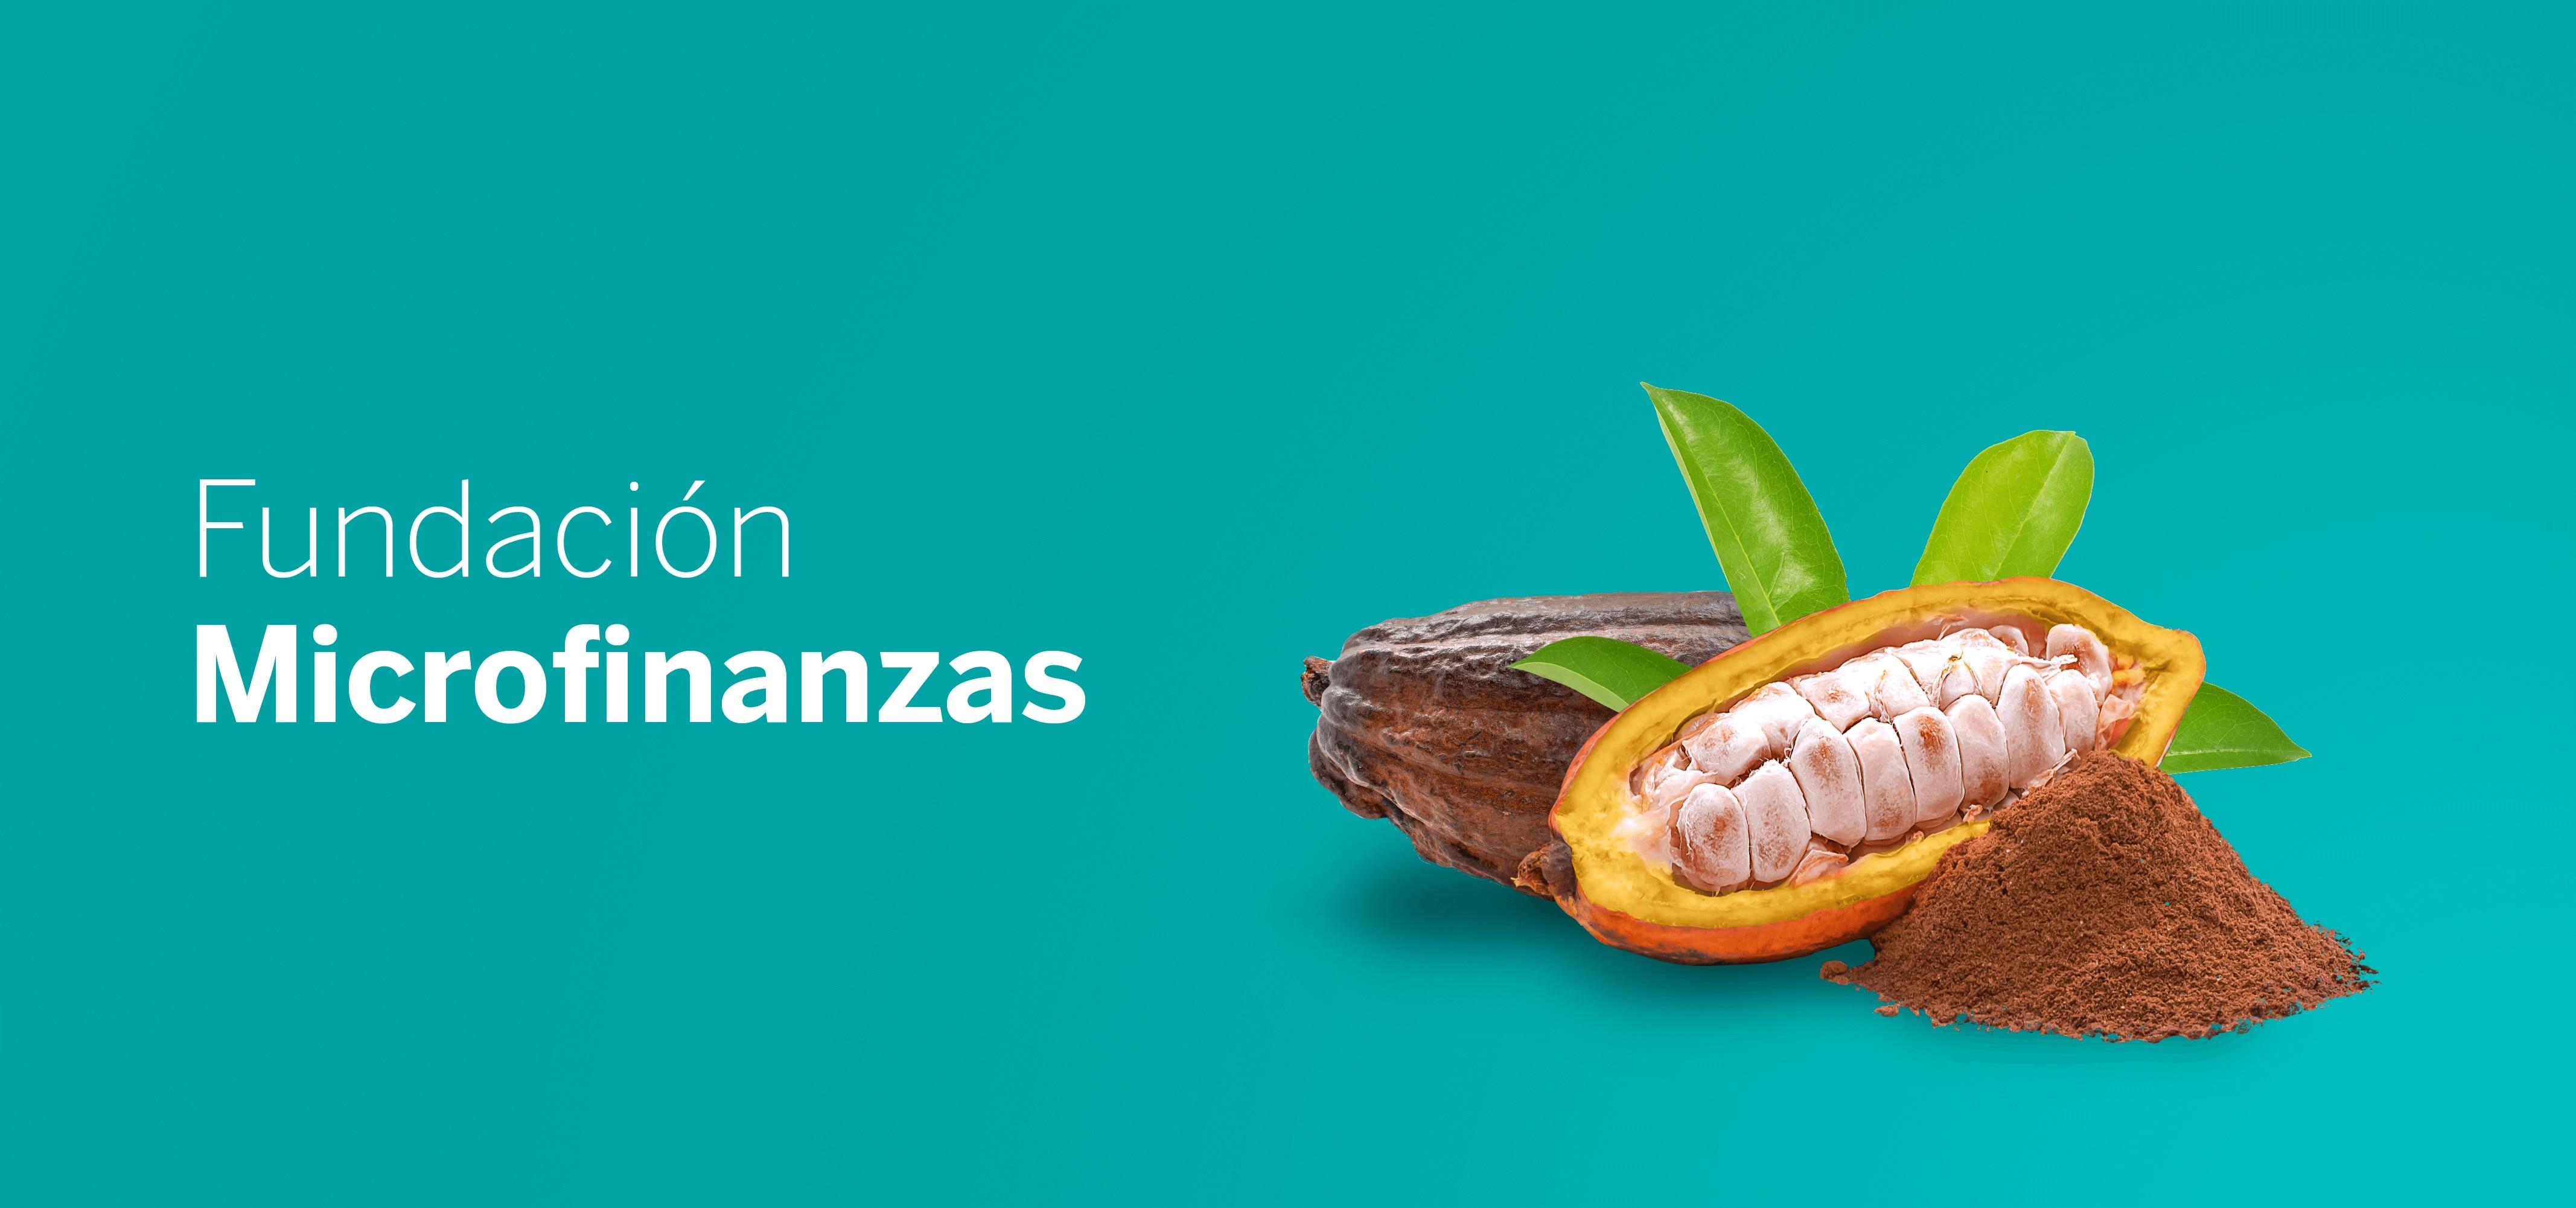 Cintillos__sostenibilidad_bbva_Fundacion microfinanzas